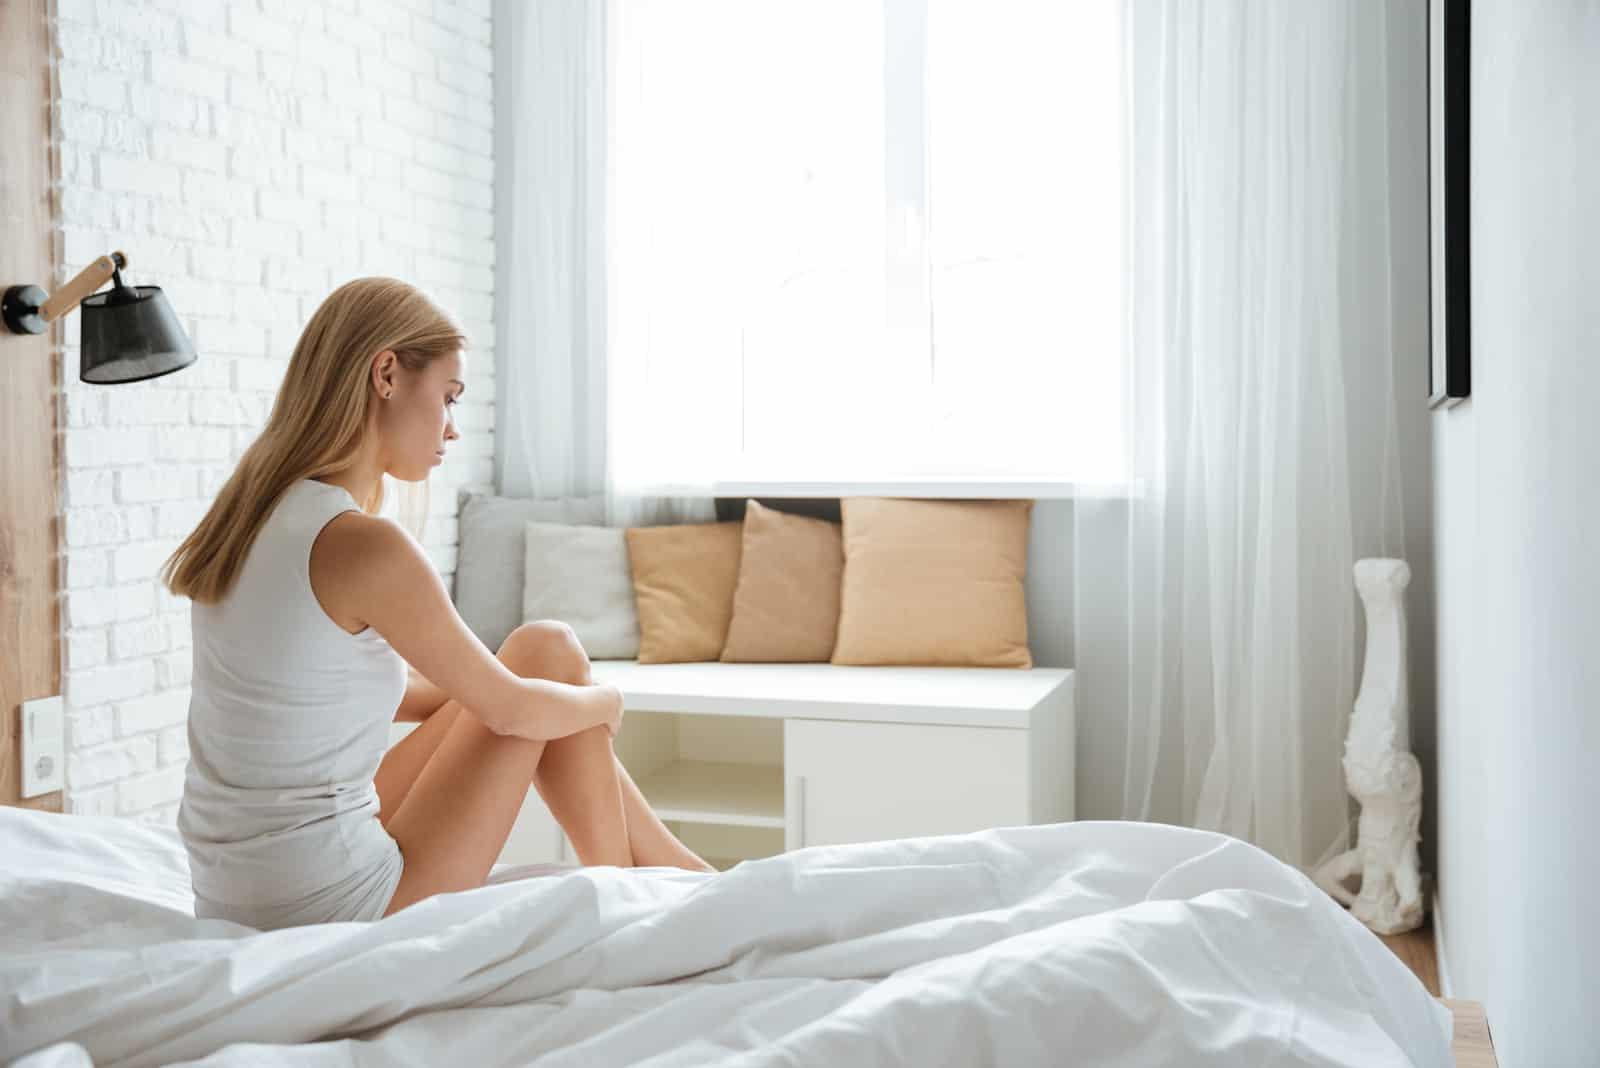 femme triste assise sur le lit